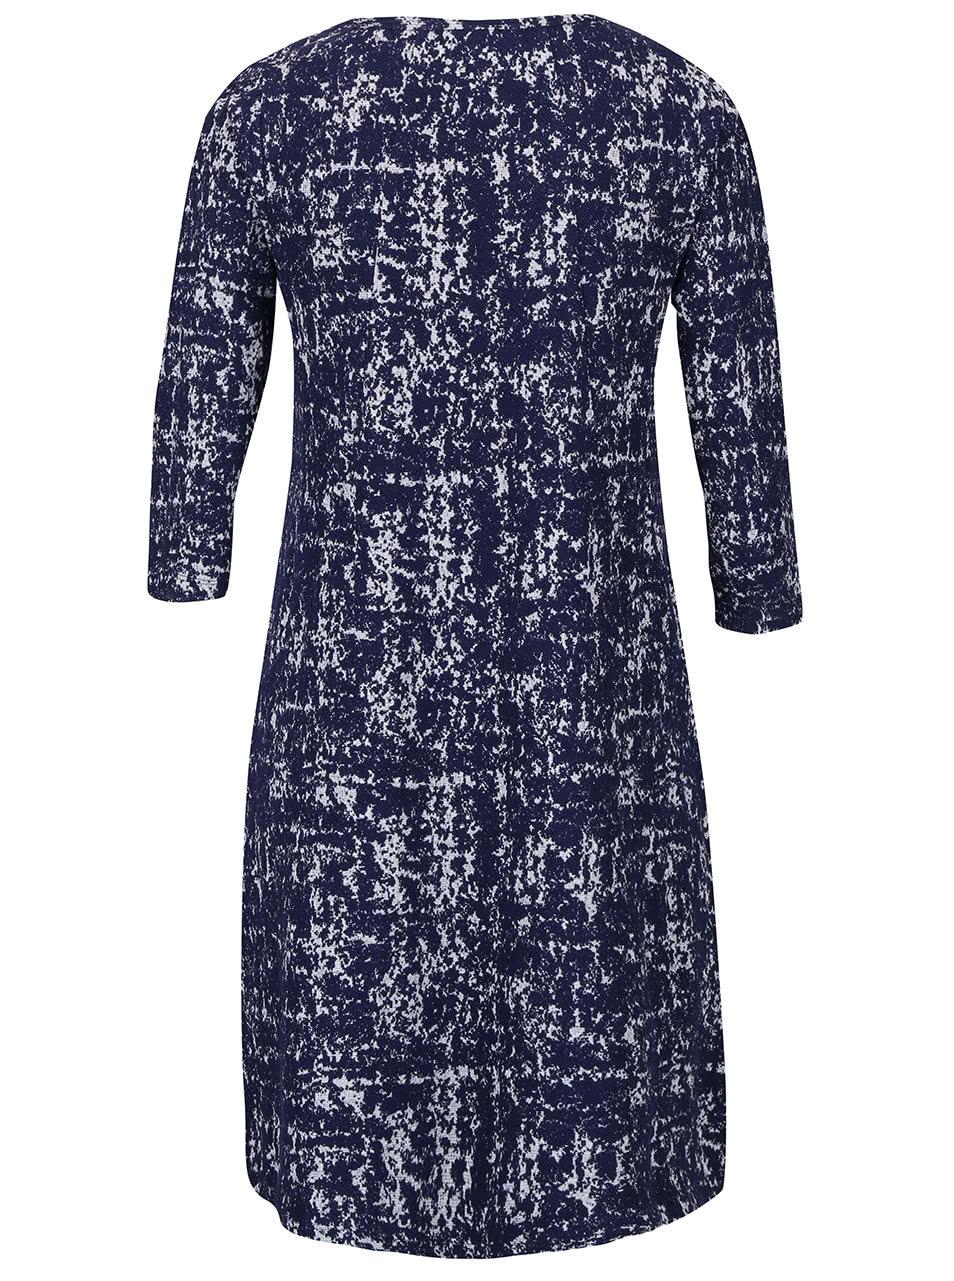 38ba511a09d8 Tmavomodré vzorované strečové šaty s vreckami Fever London Logan ...